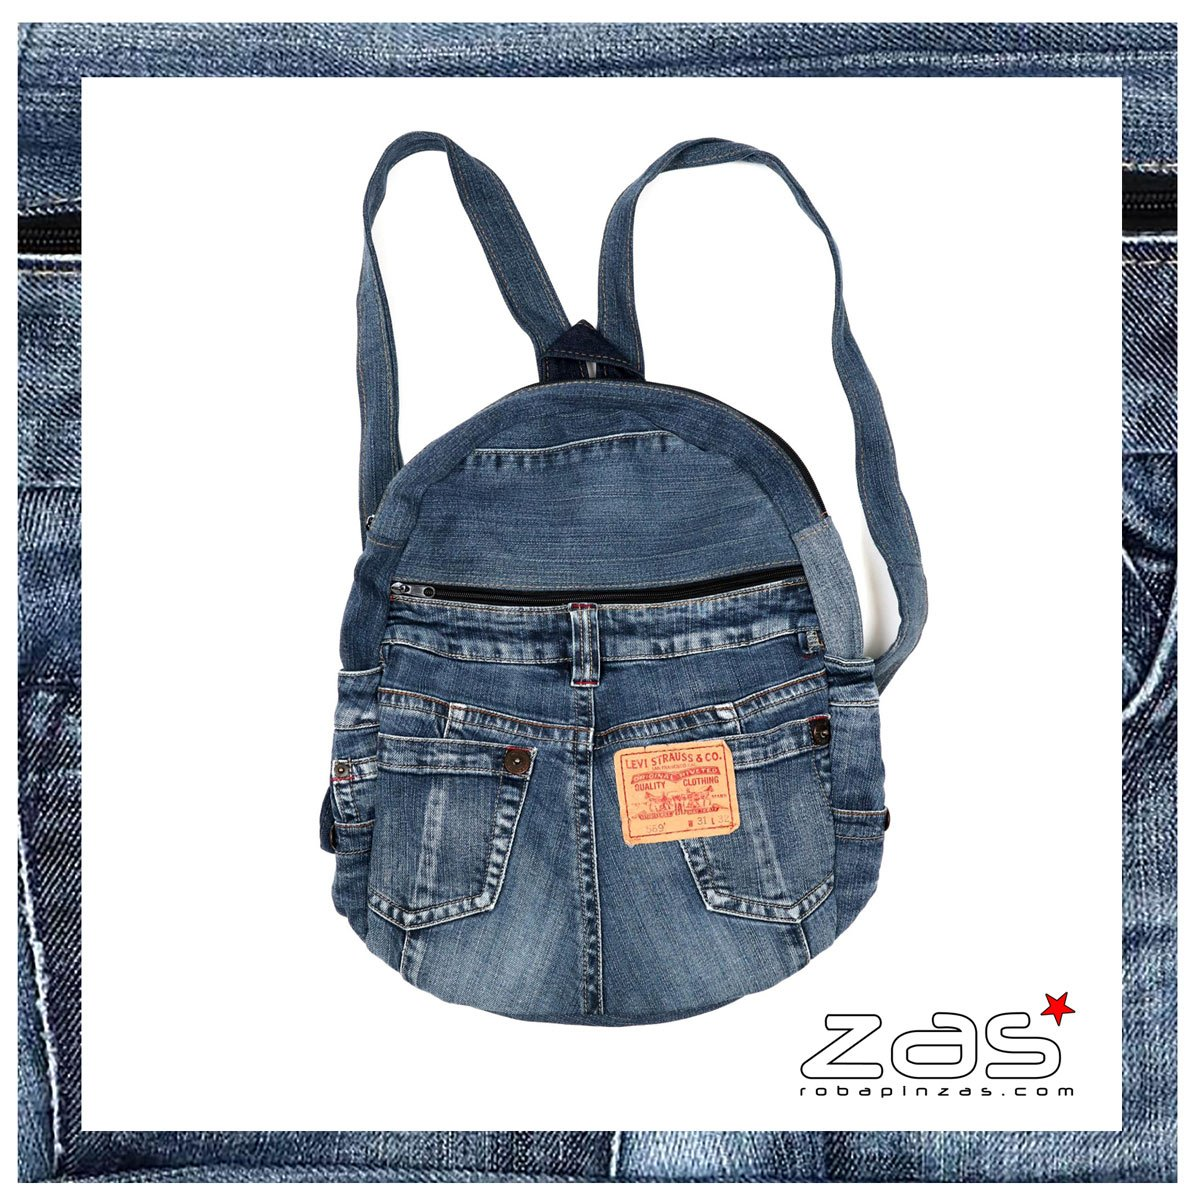 Borse e zaini realizzati con jeans